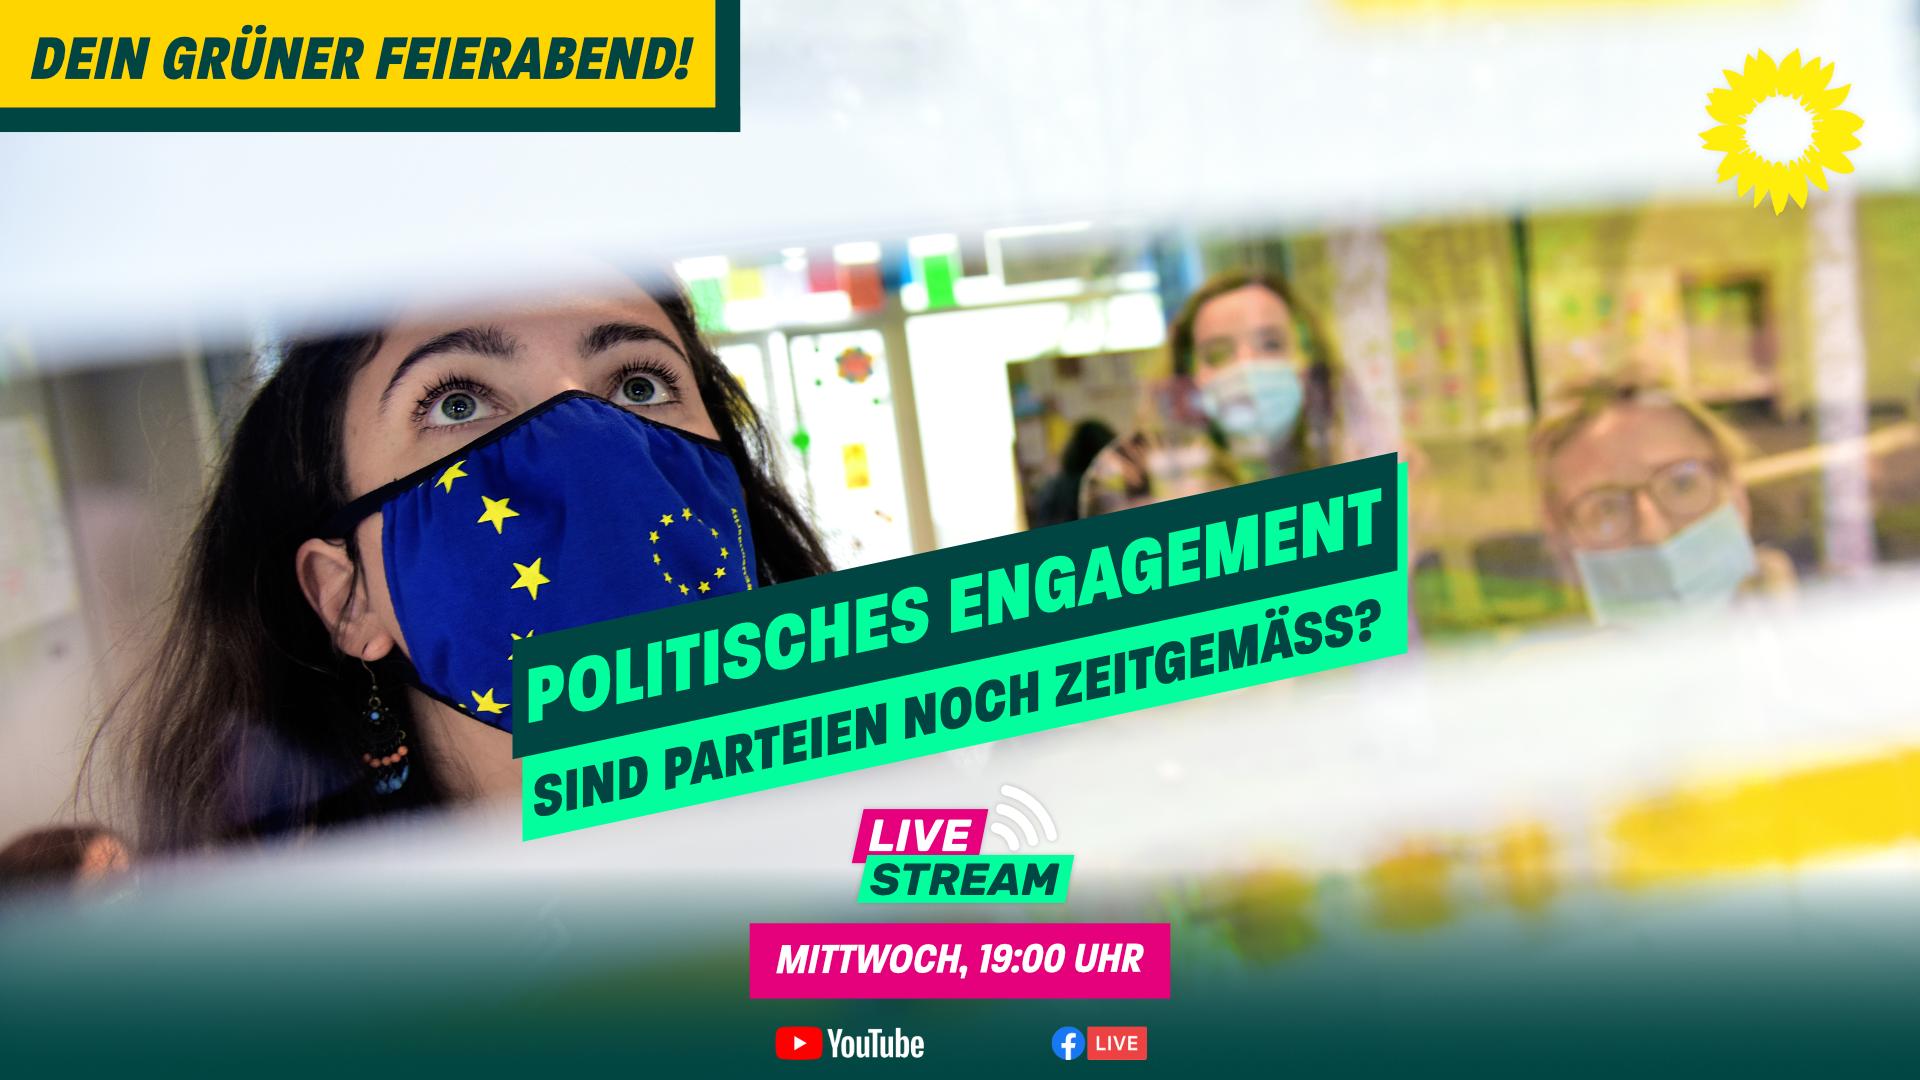 Dein Grüner Feierabend am 05.05. – mit Pia Osman und Gregor Laukert